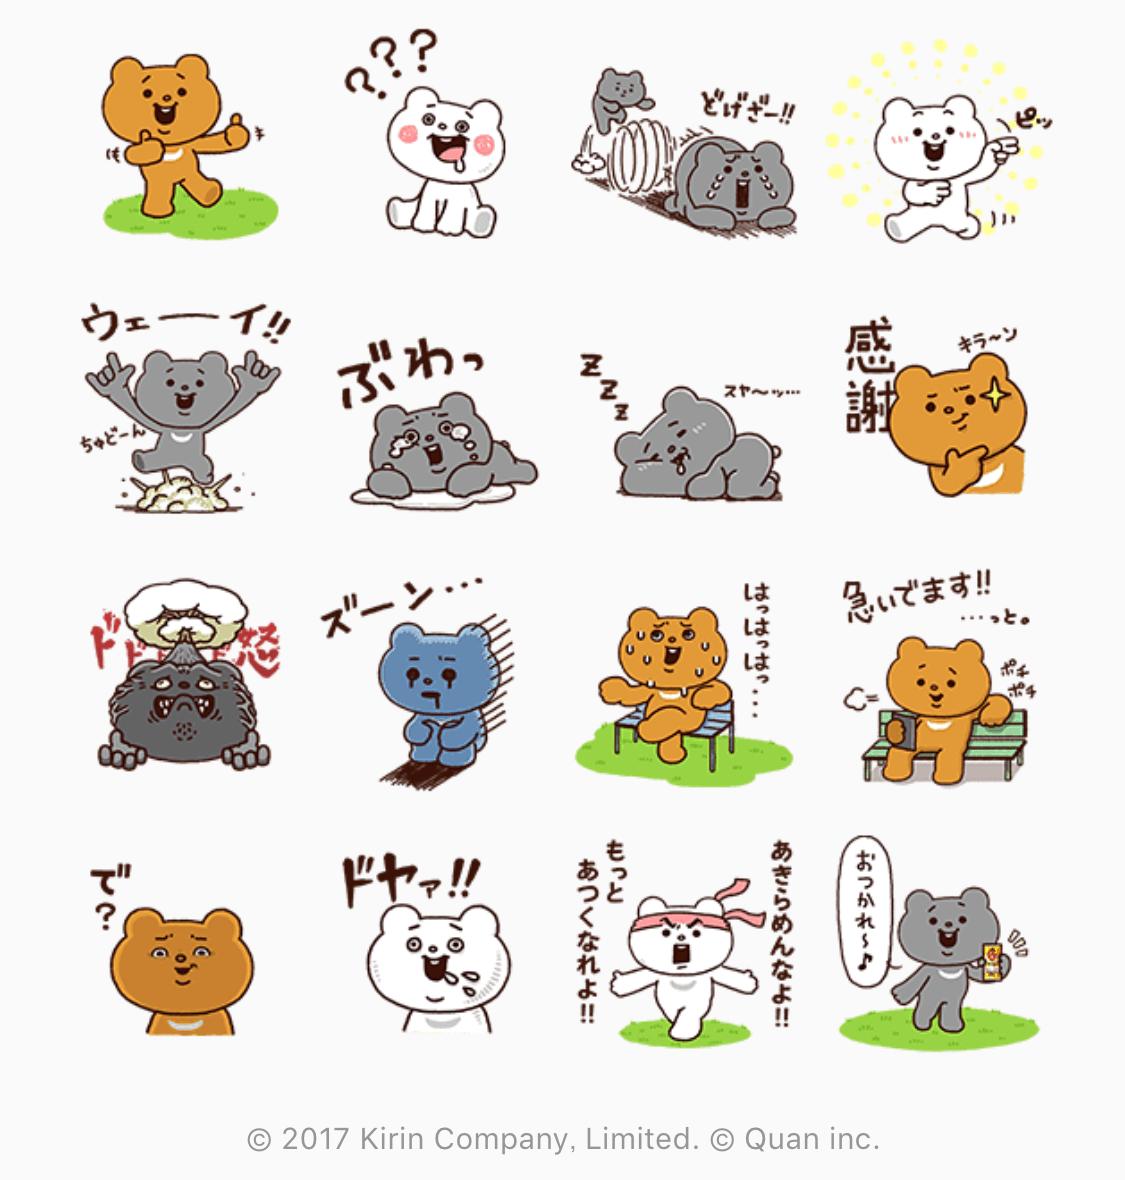 【無料】あるある☆ベタックマ×キリン【LINEスタンプ】